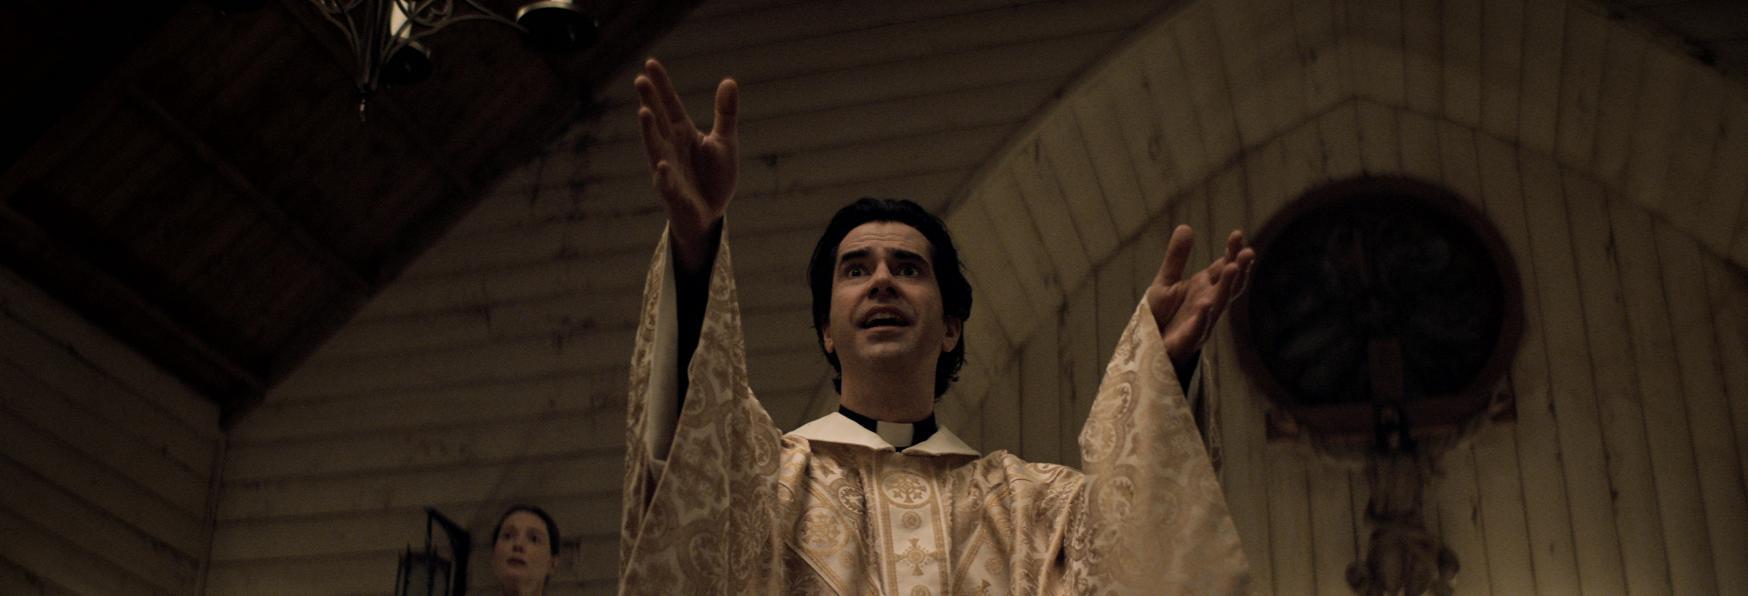 Midnight Mass: il Trailer e la Sinossi Ufficiale della nuova Serie TV Netflix di Mike Flanagan